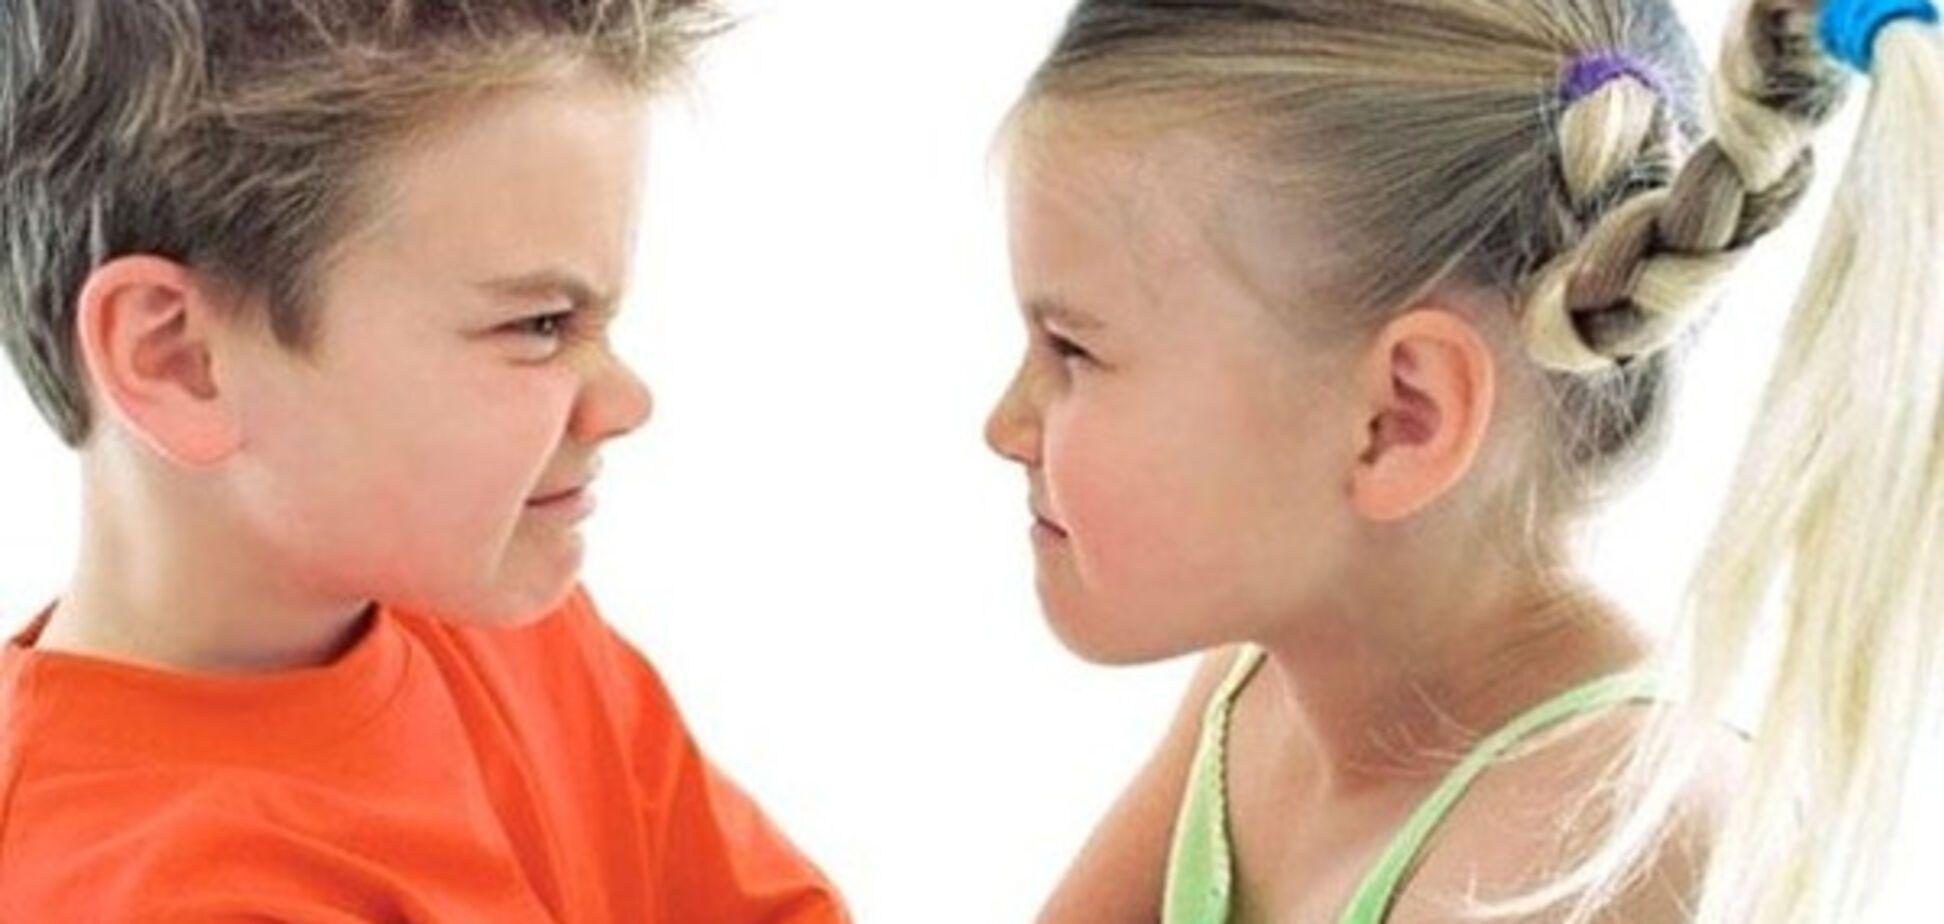 Уступи маленькому: психолог рассказала о синдроме старшего ребенка